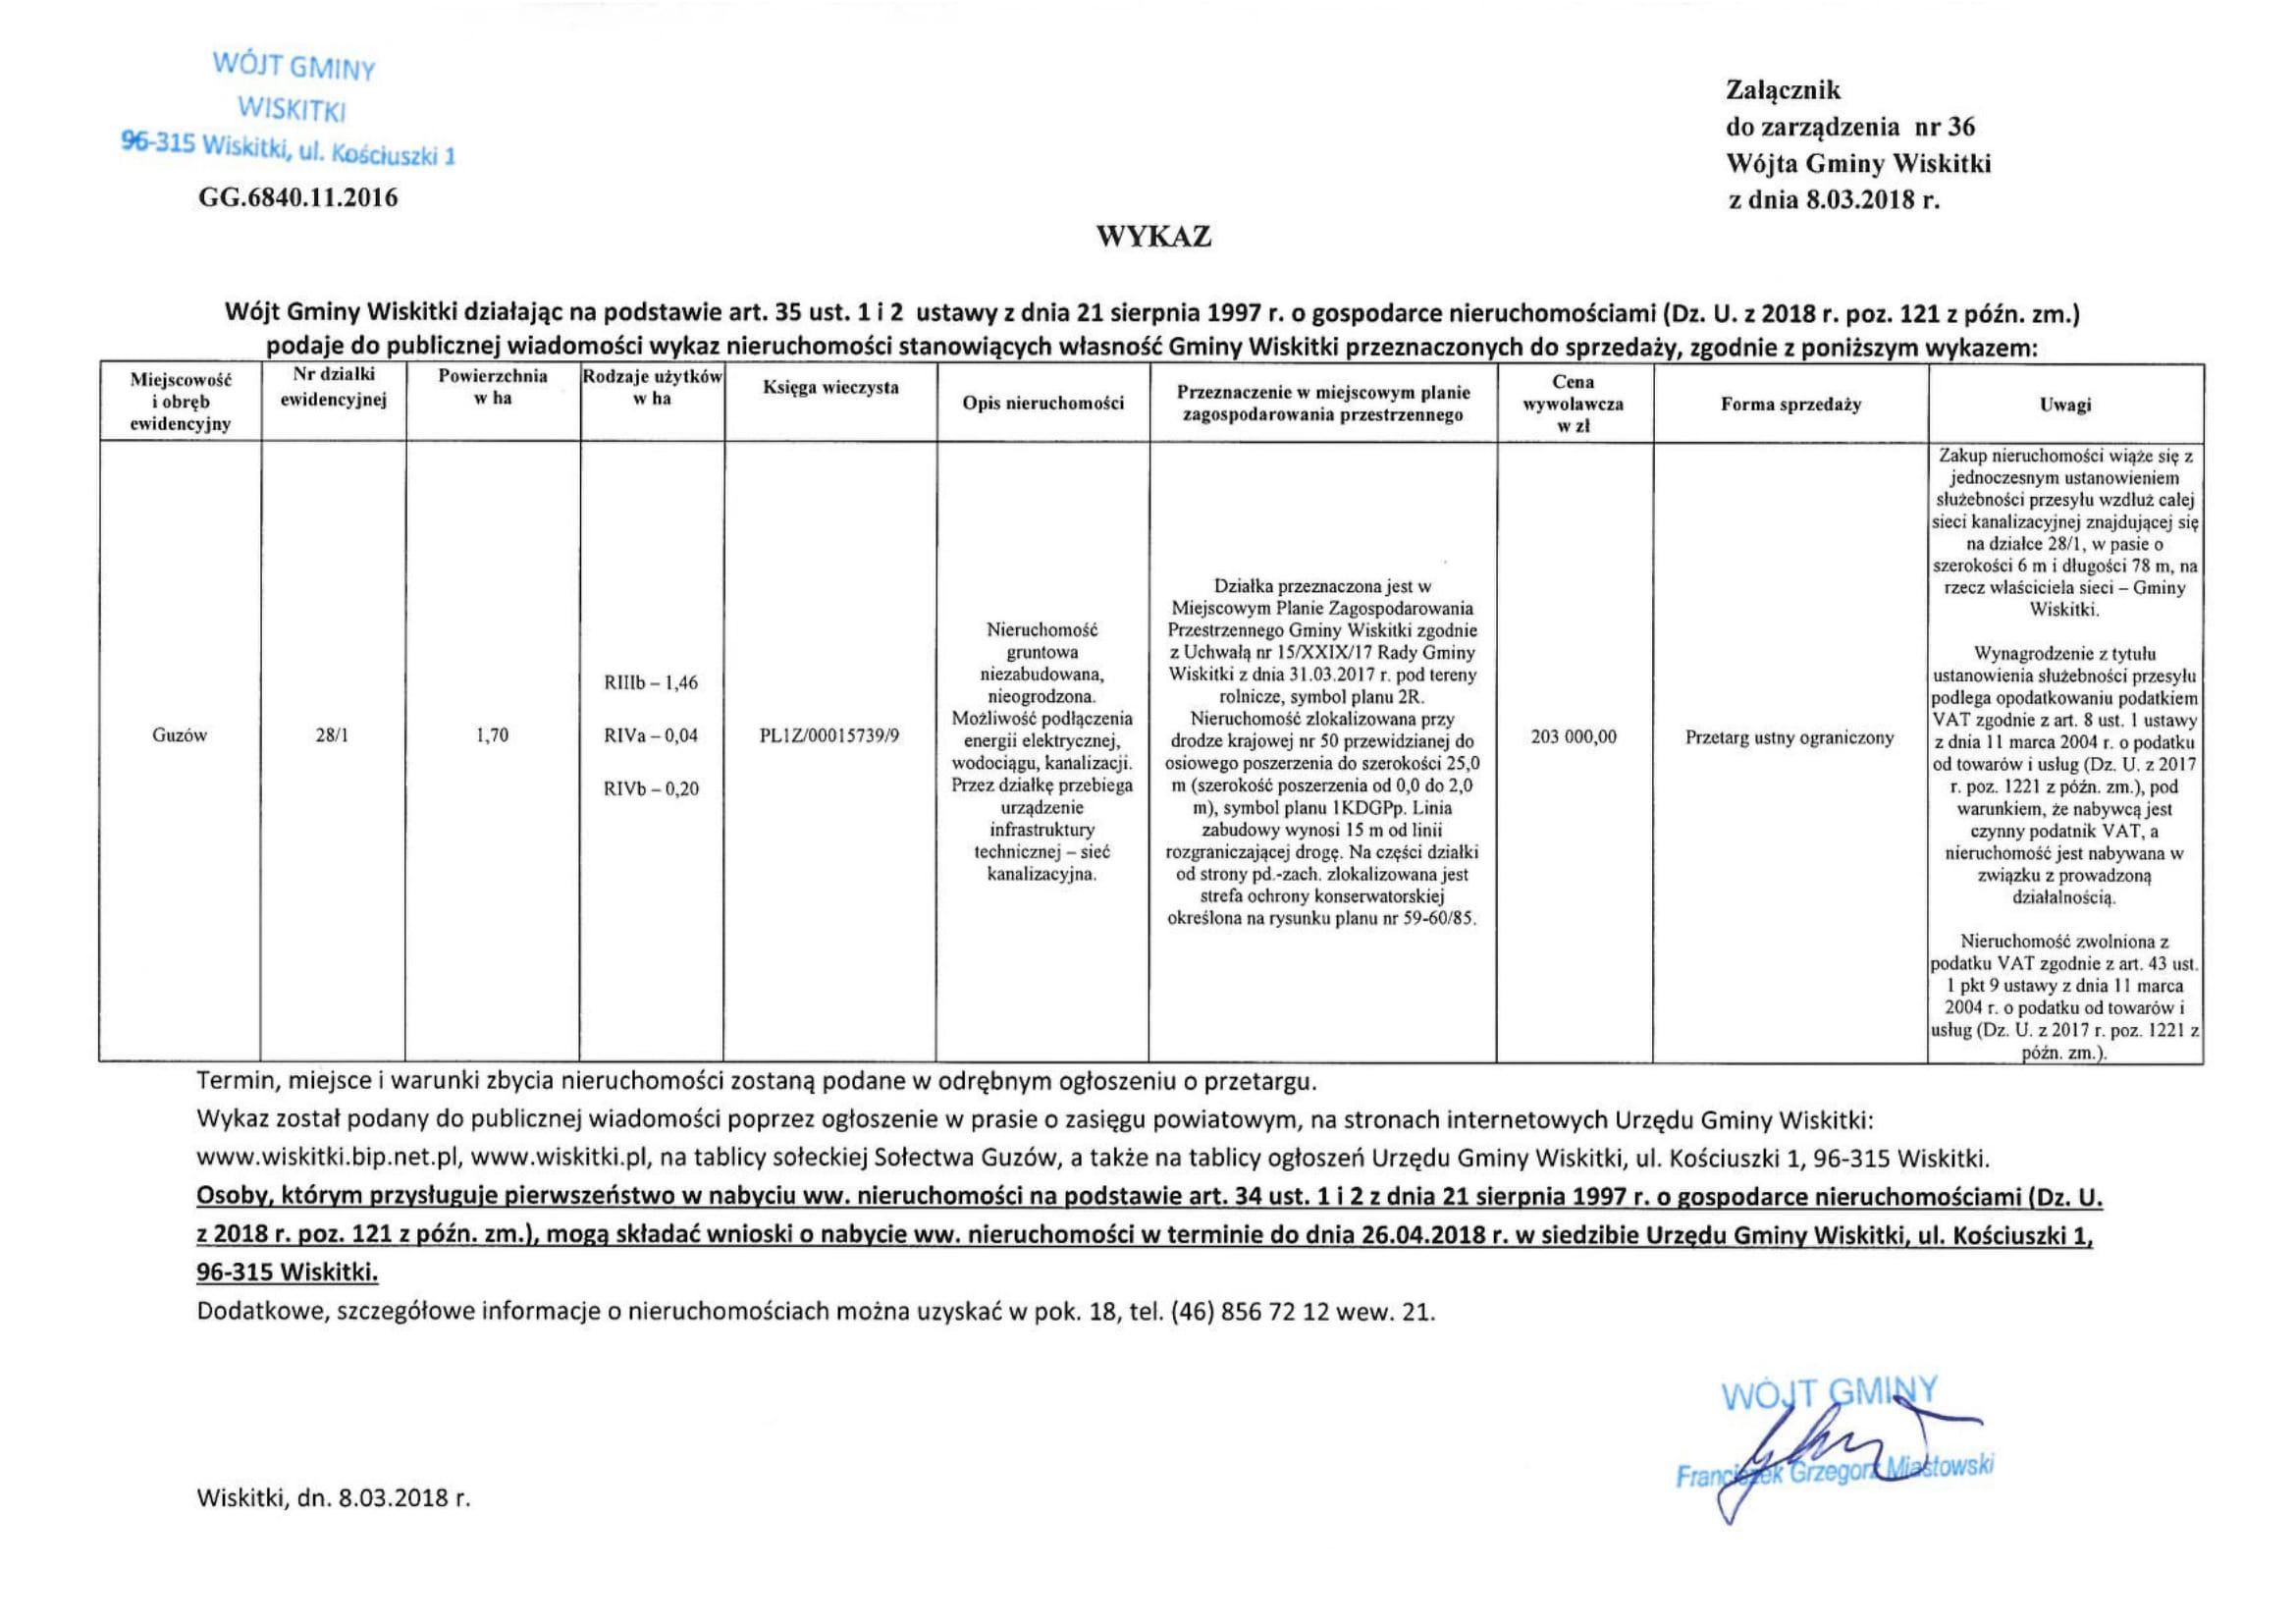 Wykaz nieruchomości na sprzedaż dz. 28_1 Guzów-1